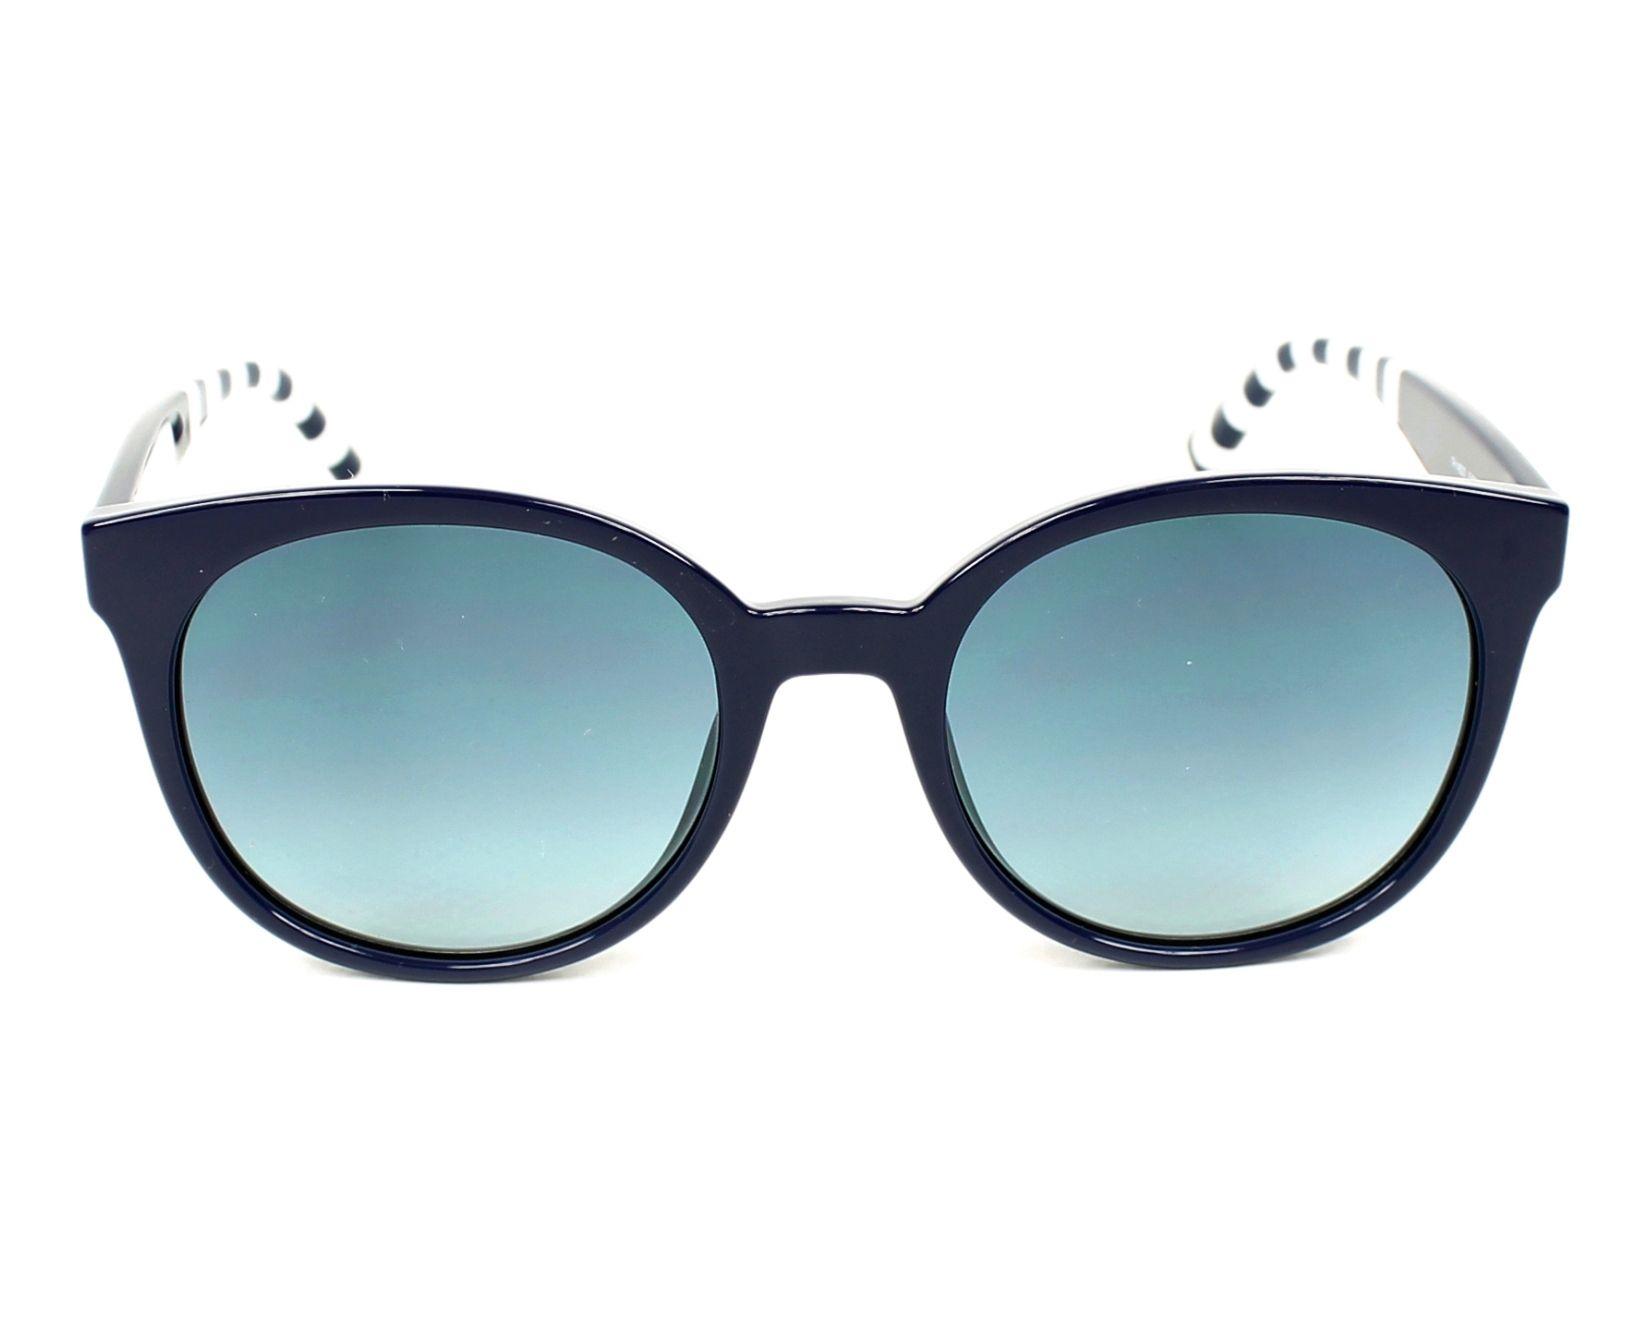 acheter des lunettes de soleil tommy hilfiger th 1482 s pjp 08 visionet. Black Bedroom Furniture Sets. Home Design Ideas